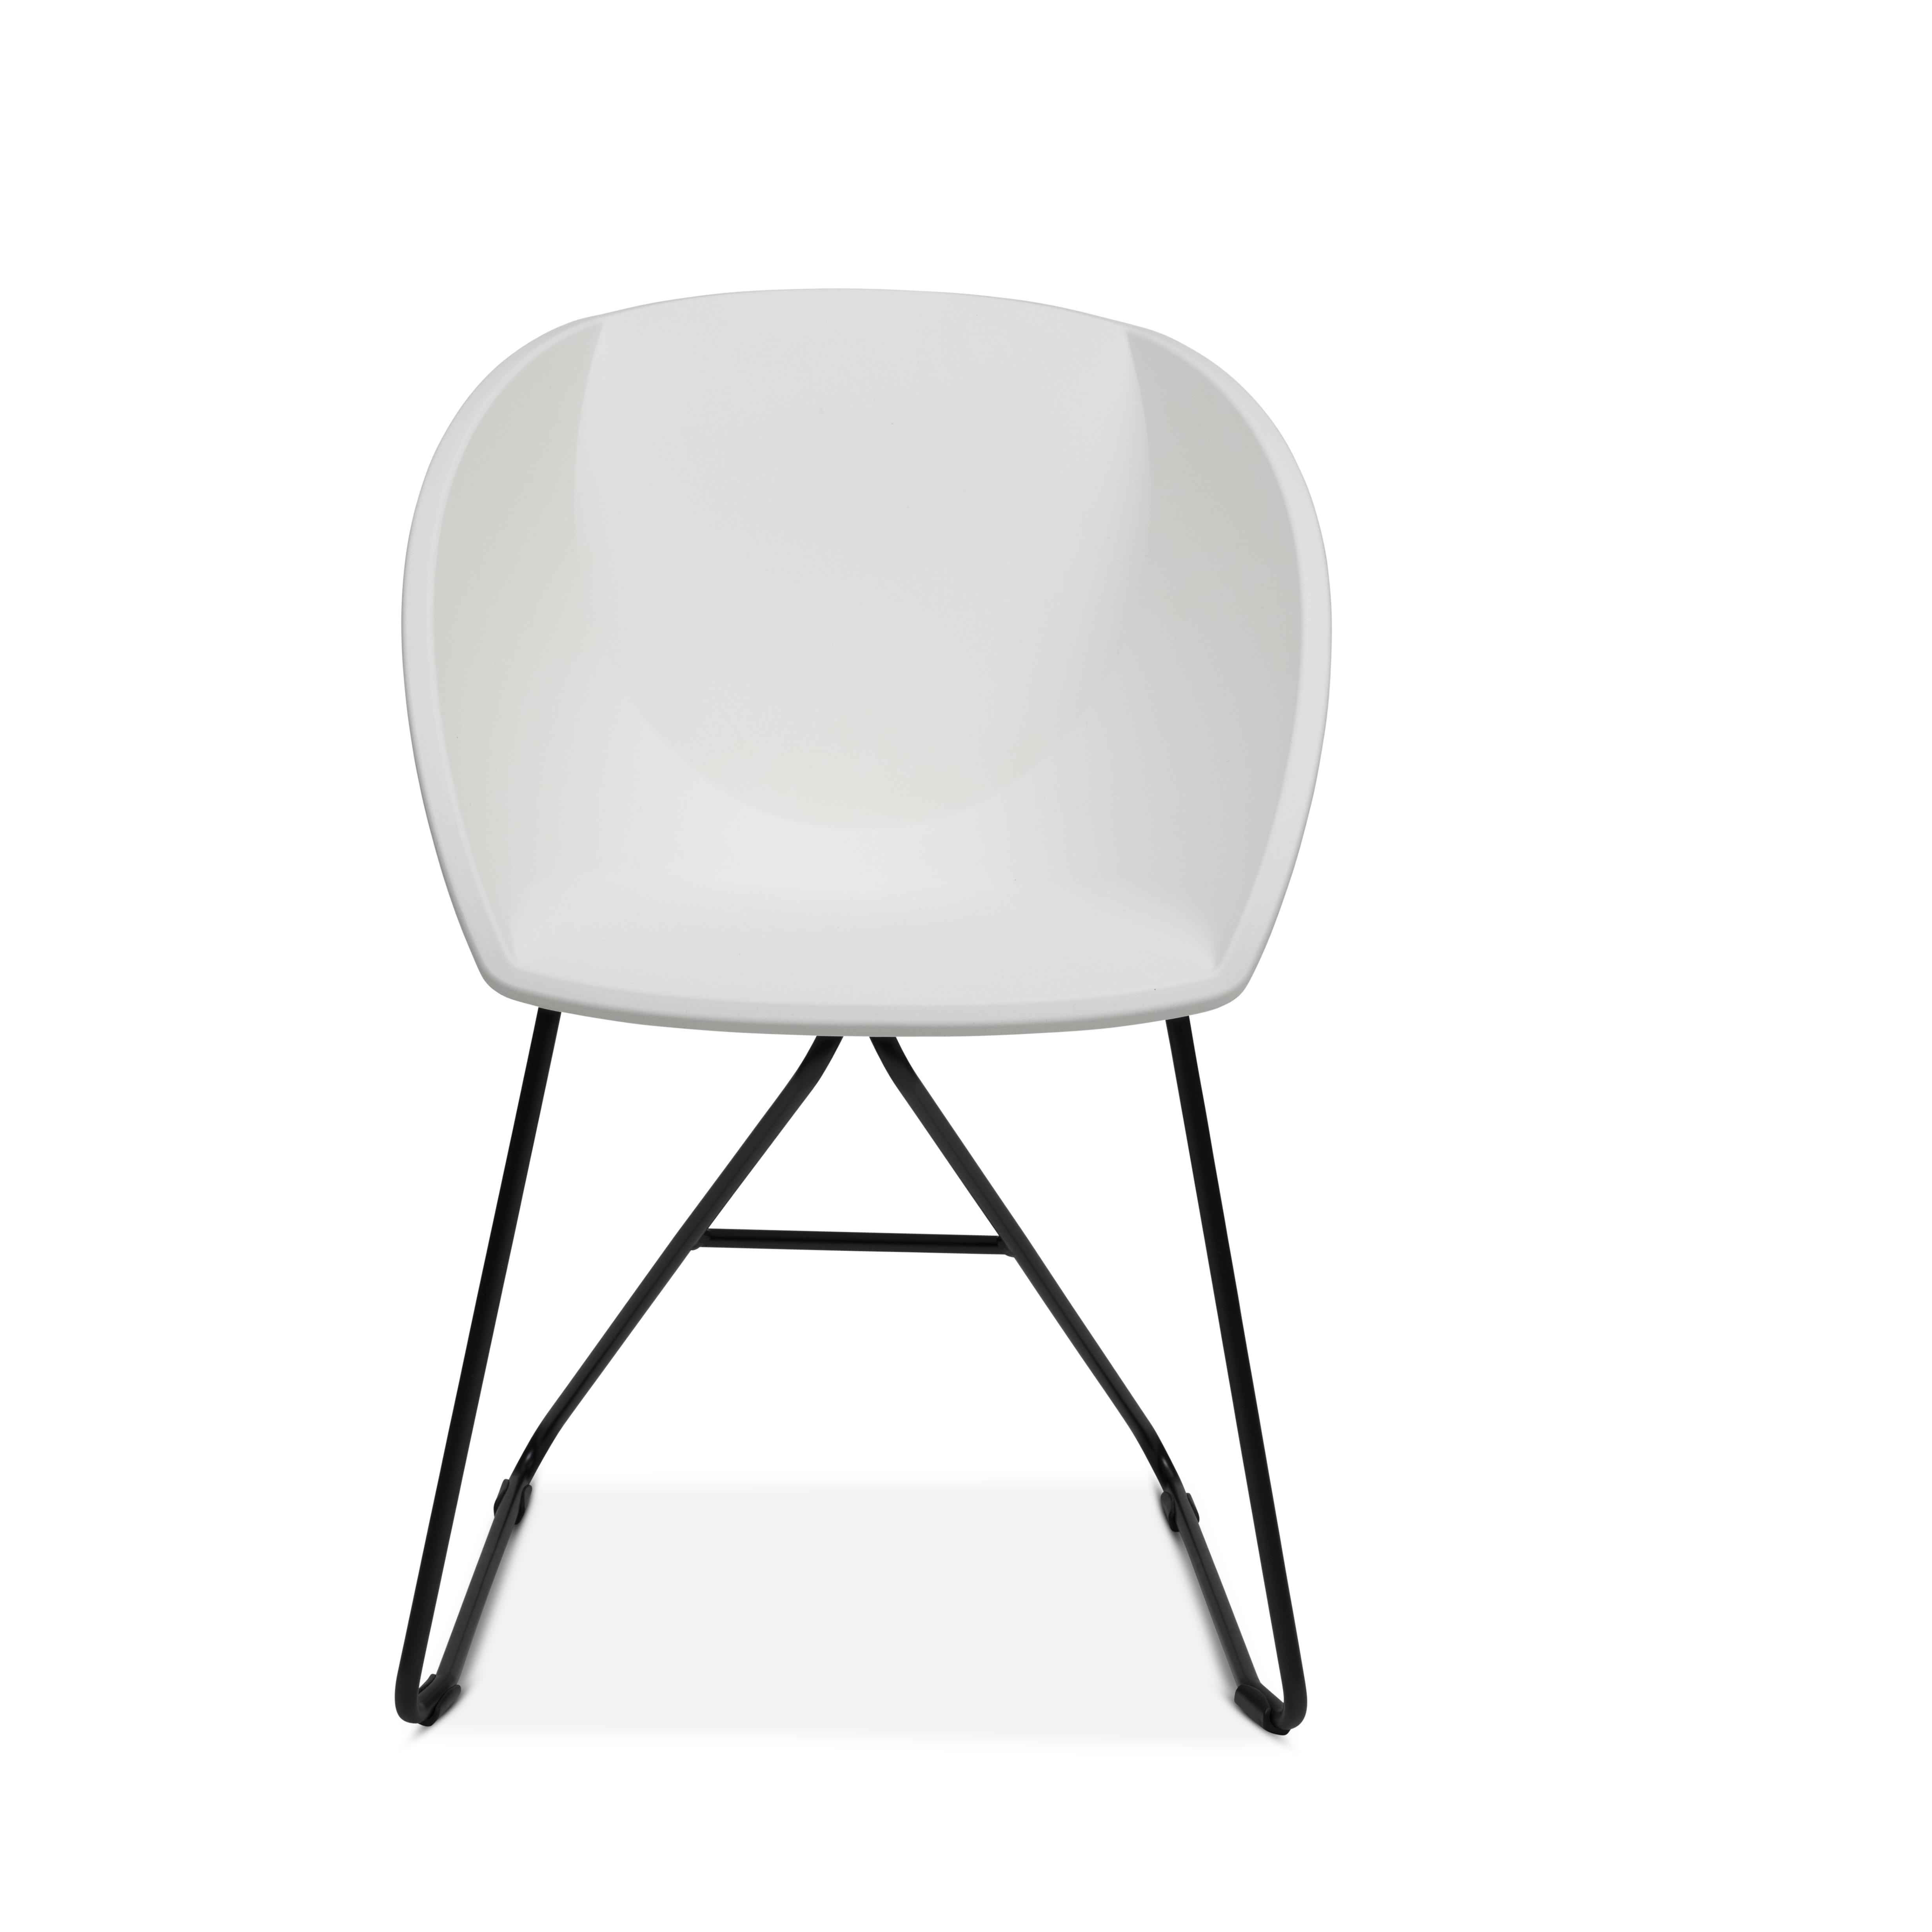 Popcorn stol i hvit gjenvunnet plast Fora Form